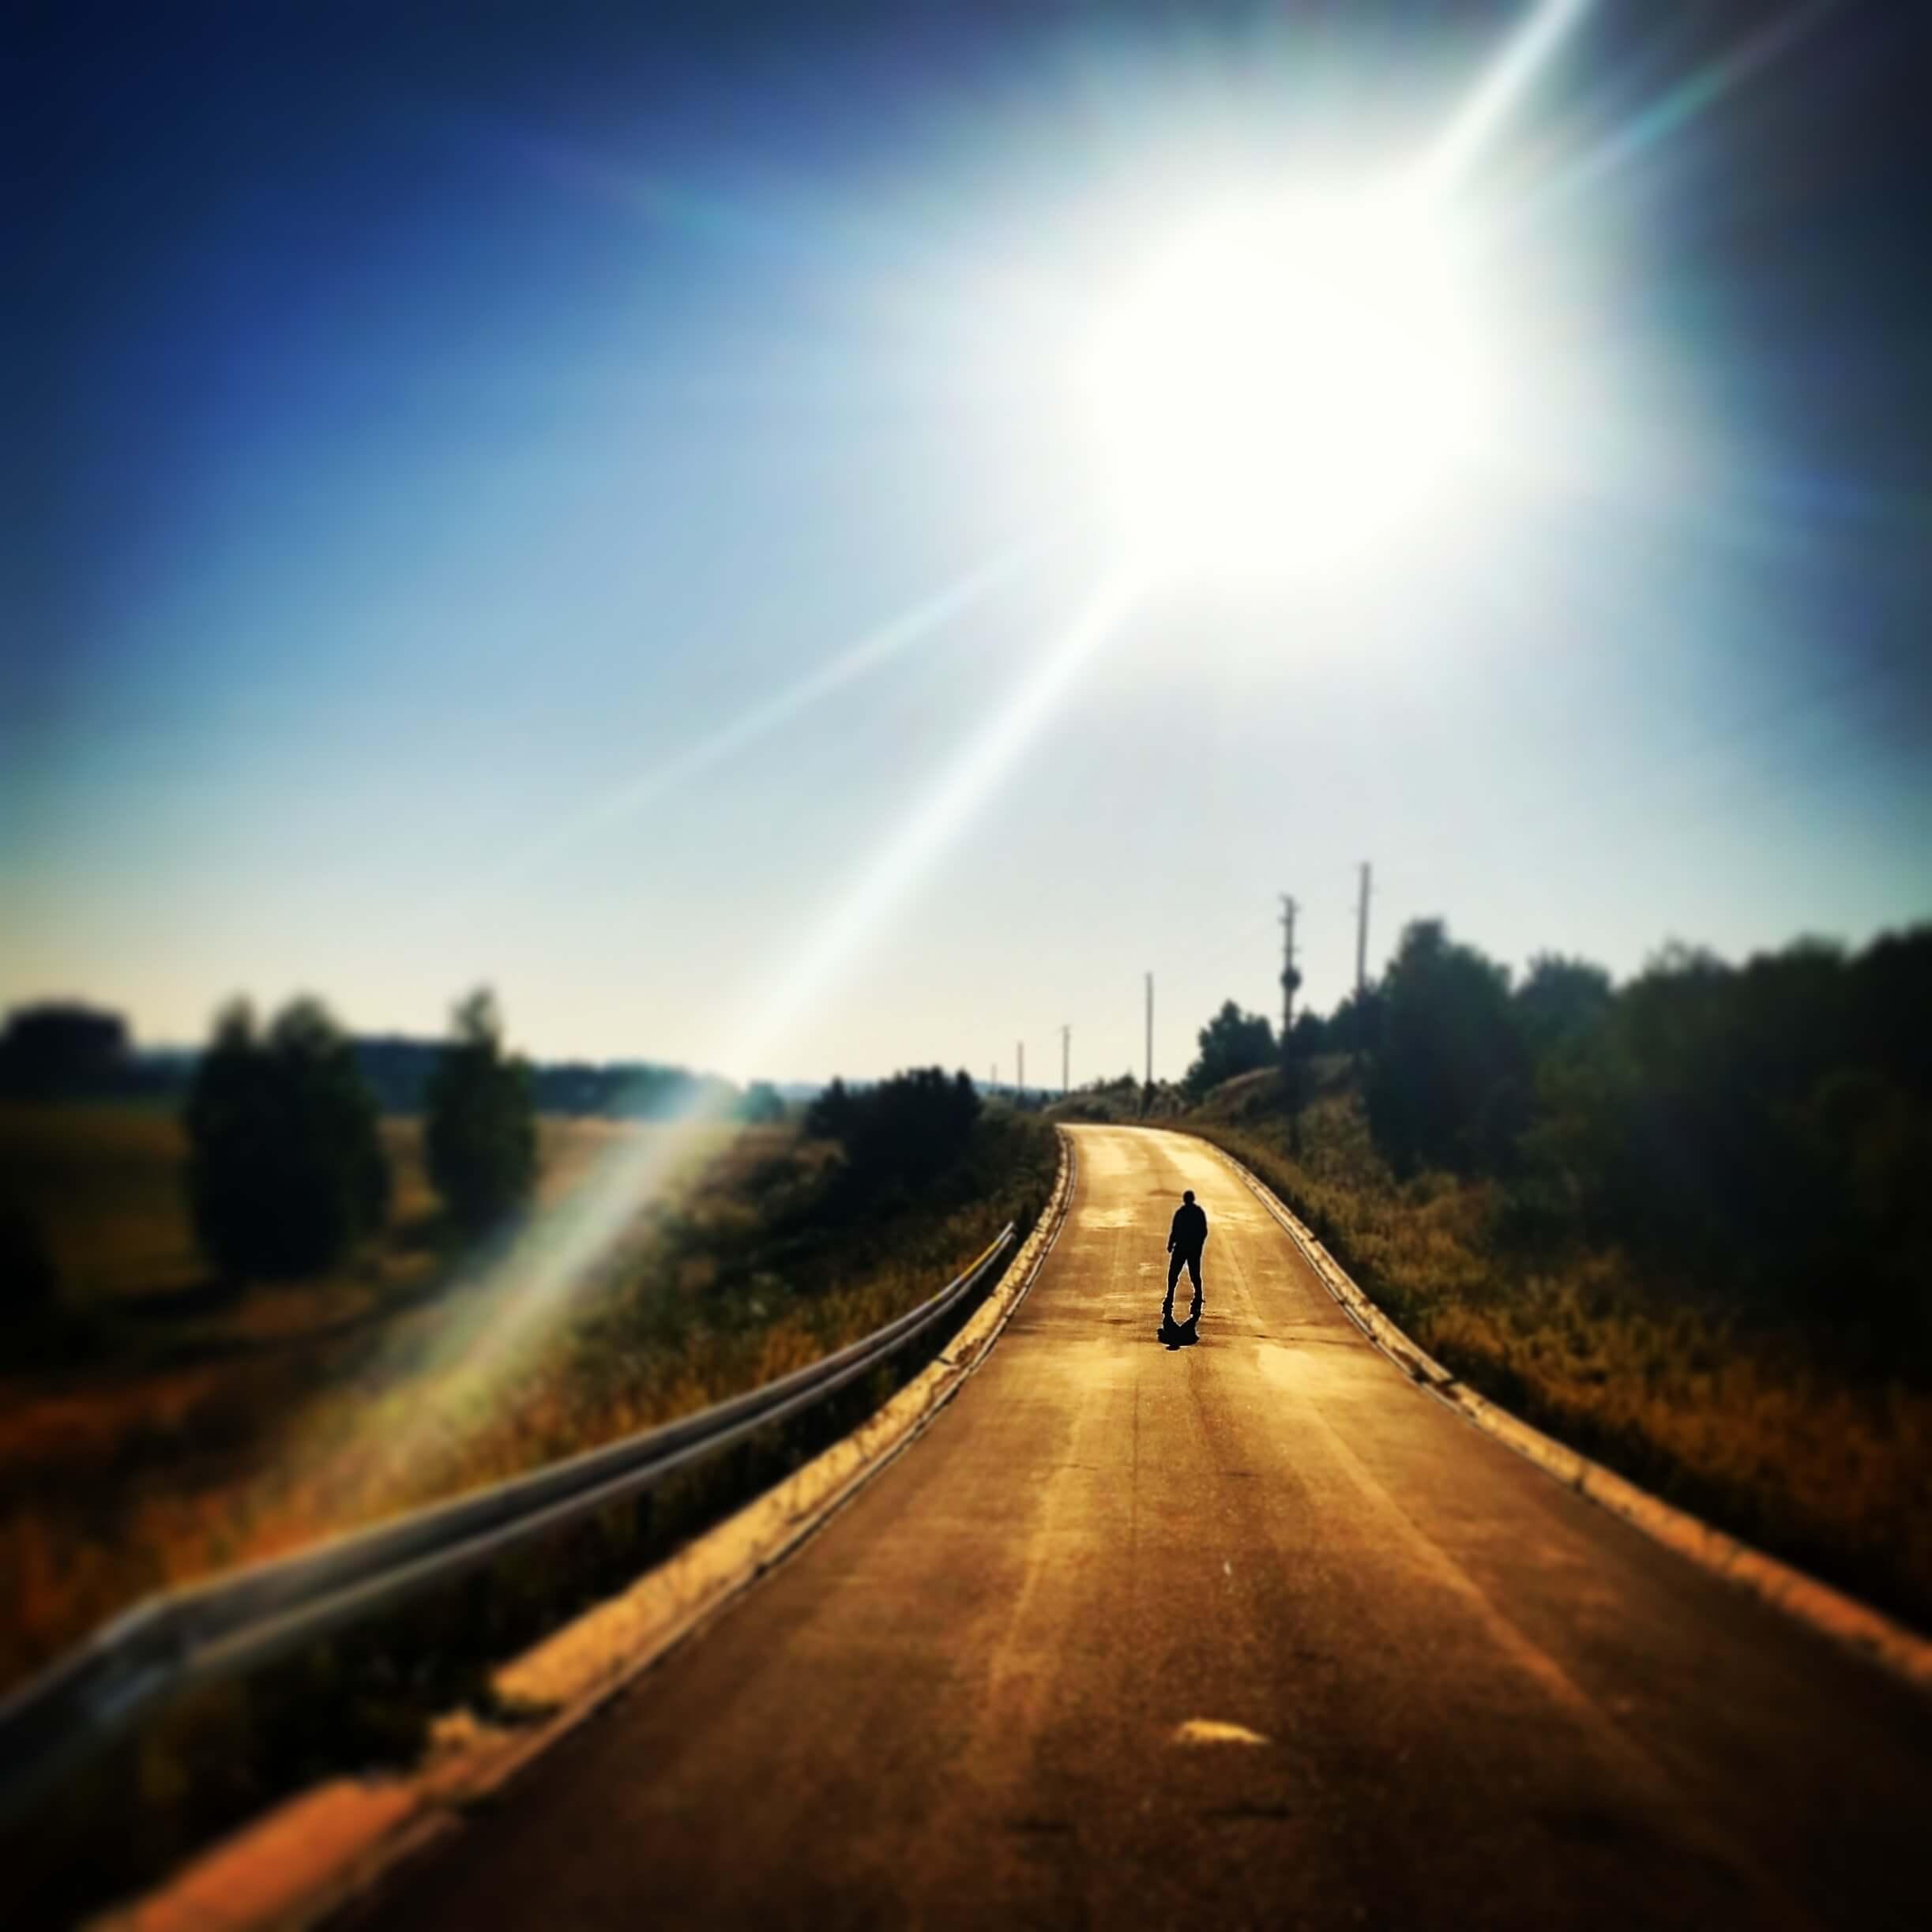 陽に照らされた道